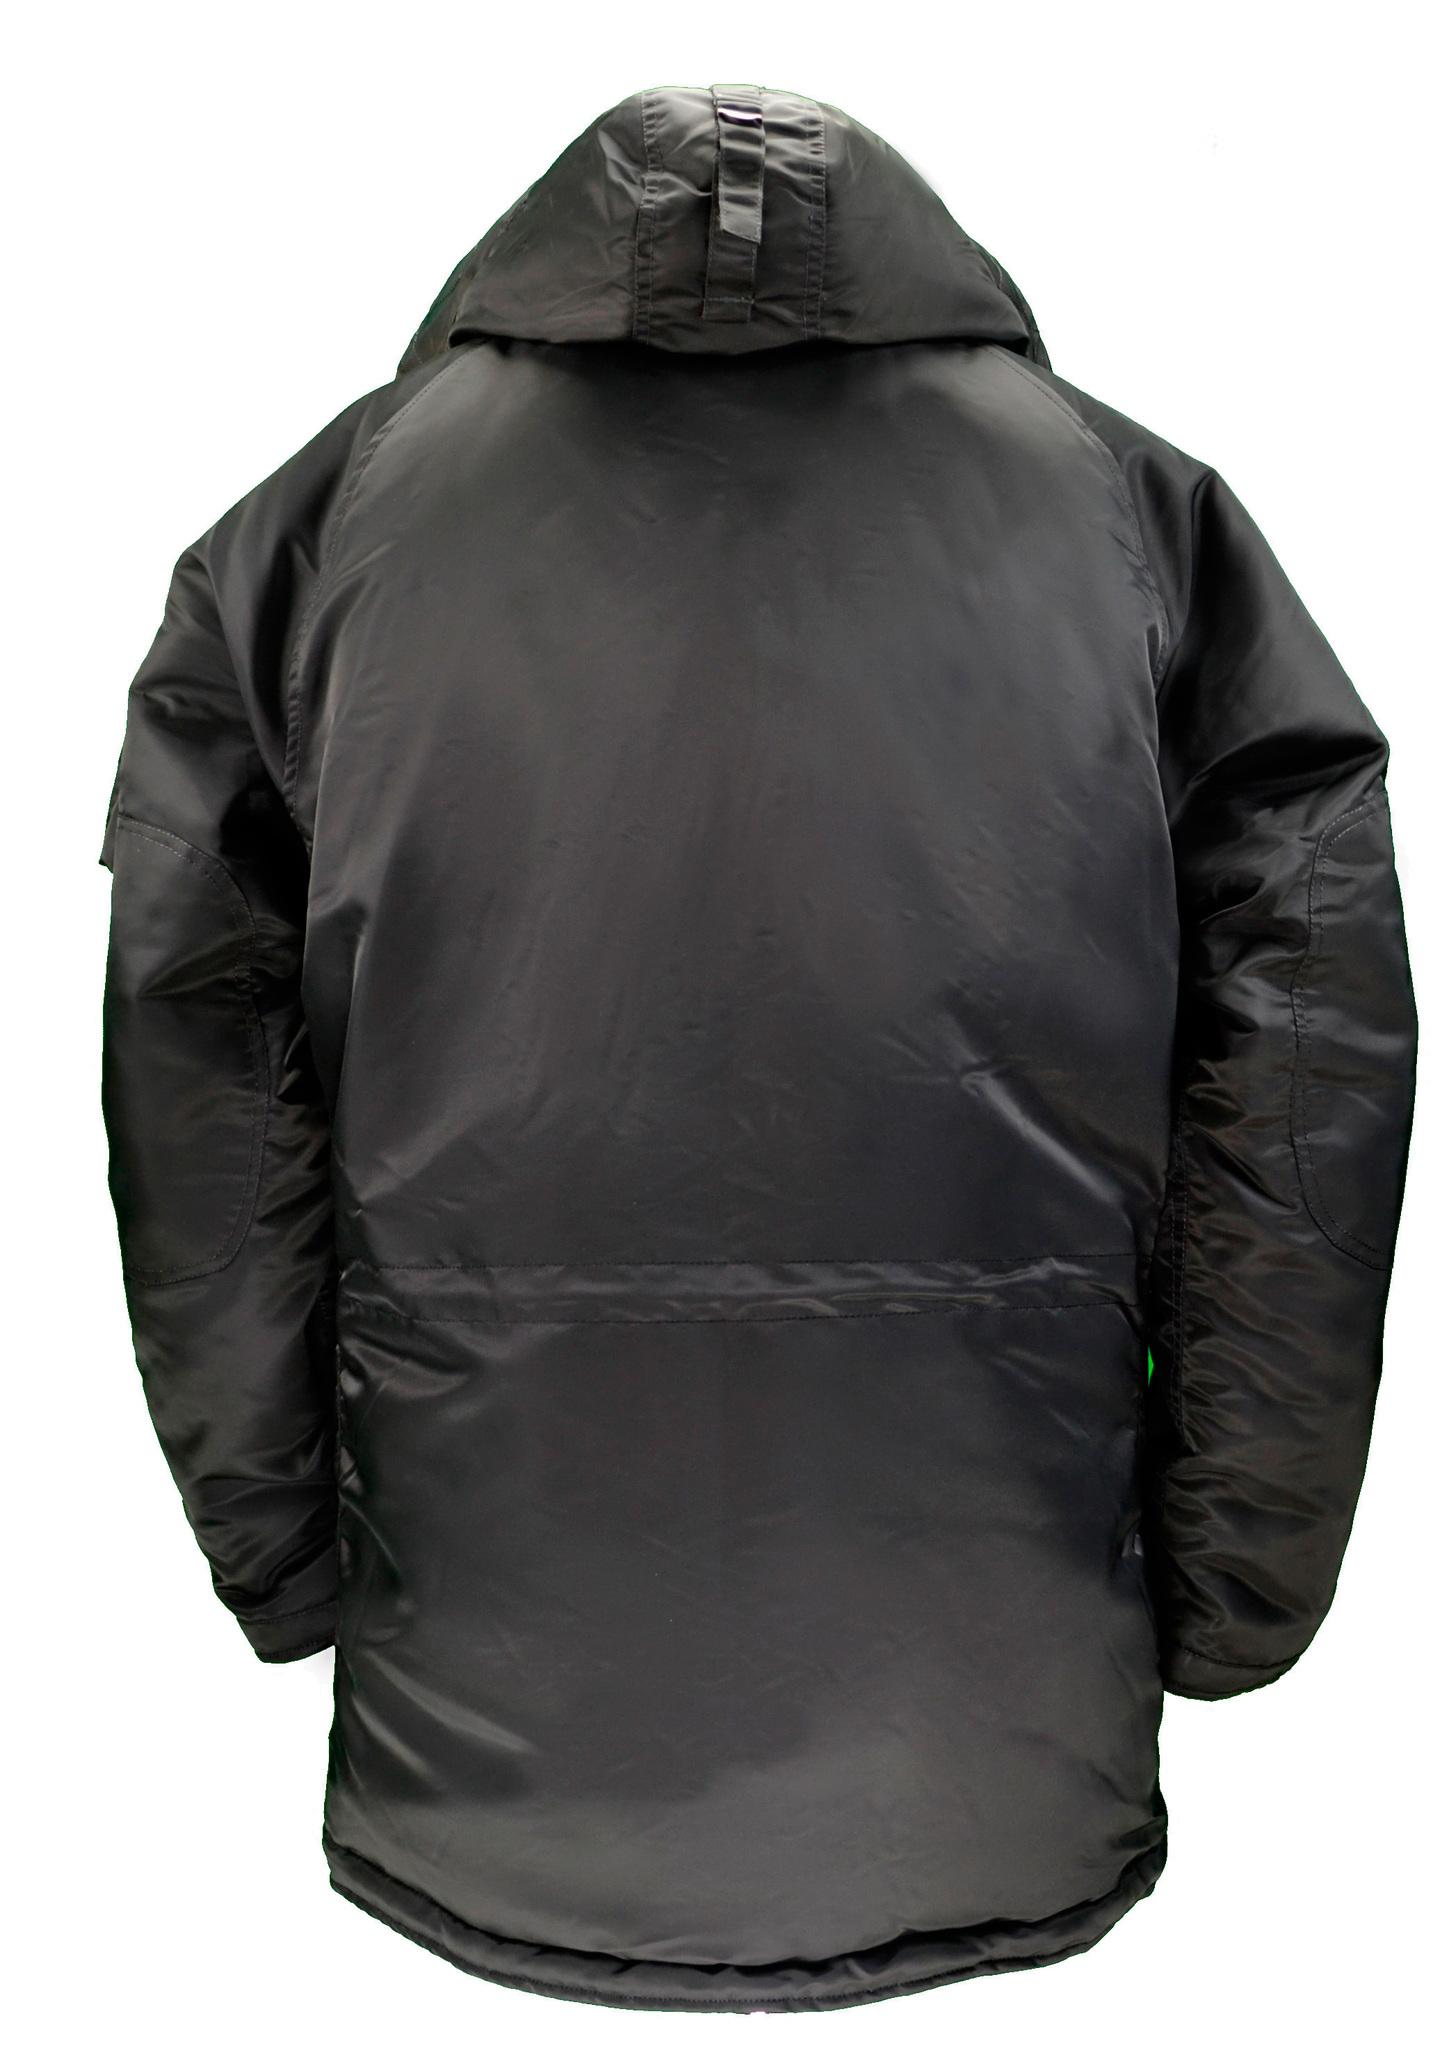 Купить куртку аляску оригинал мужская Alpha и купить аляску Nord Storm e88313f4521b7